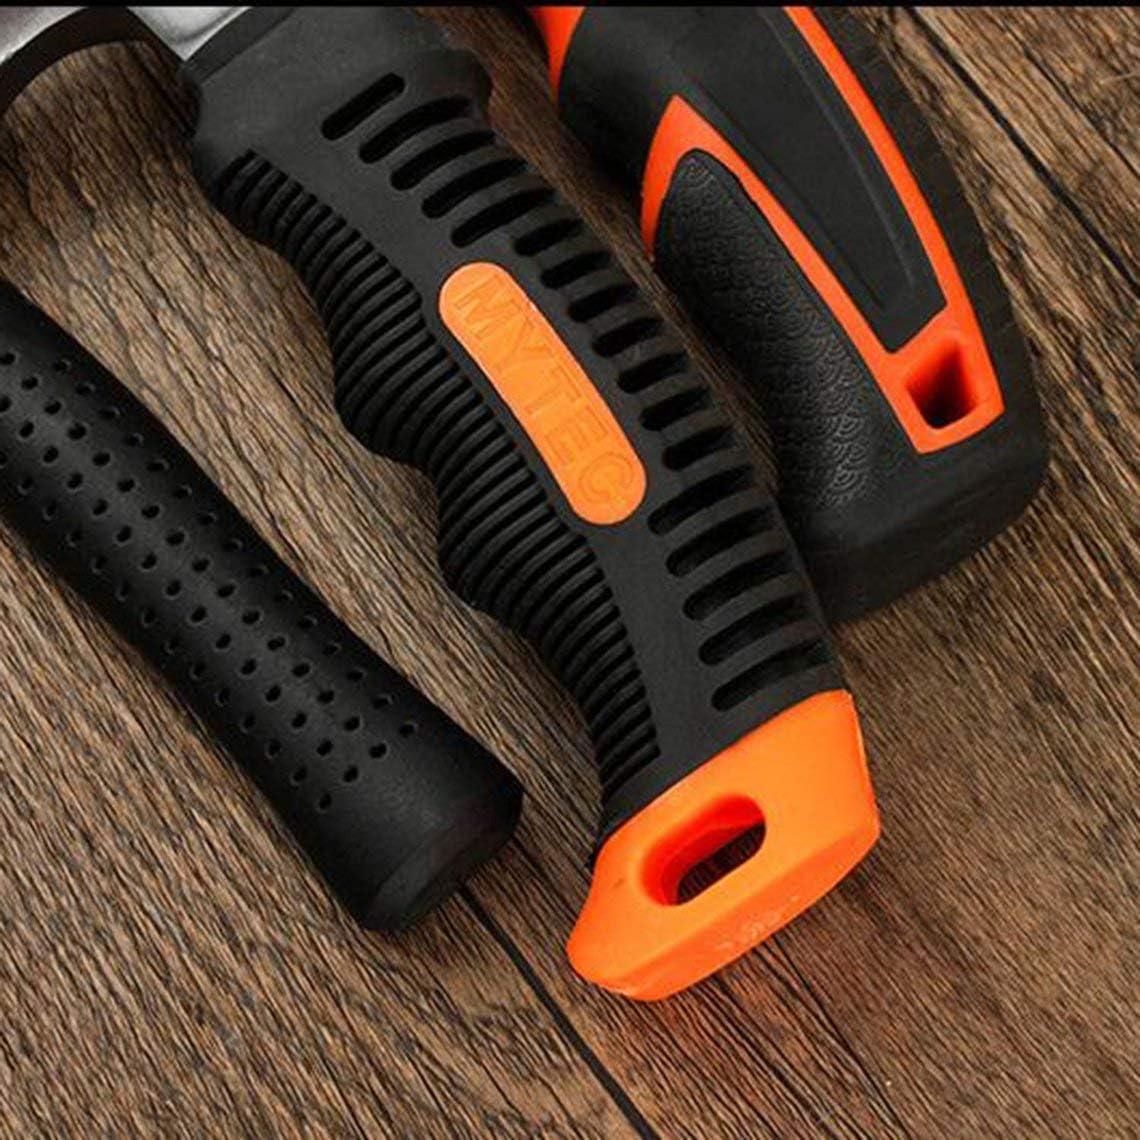 outil pour marteau en caoutchouc pour mini marteau Zinniaya Poign/ée en plastique /à t/ête ronde Marteau /à griffe magn/étique Pour outils du bois et outils /électroniques